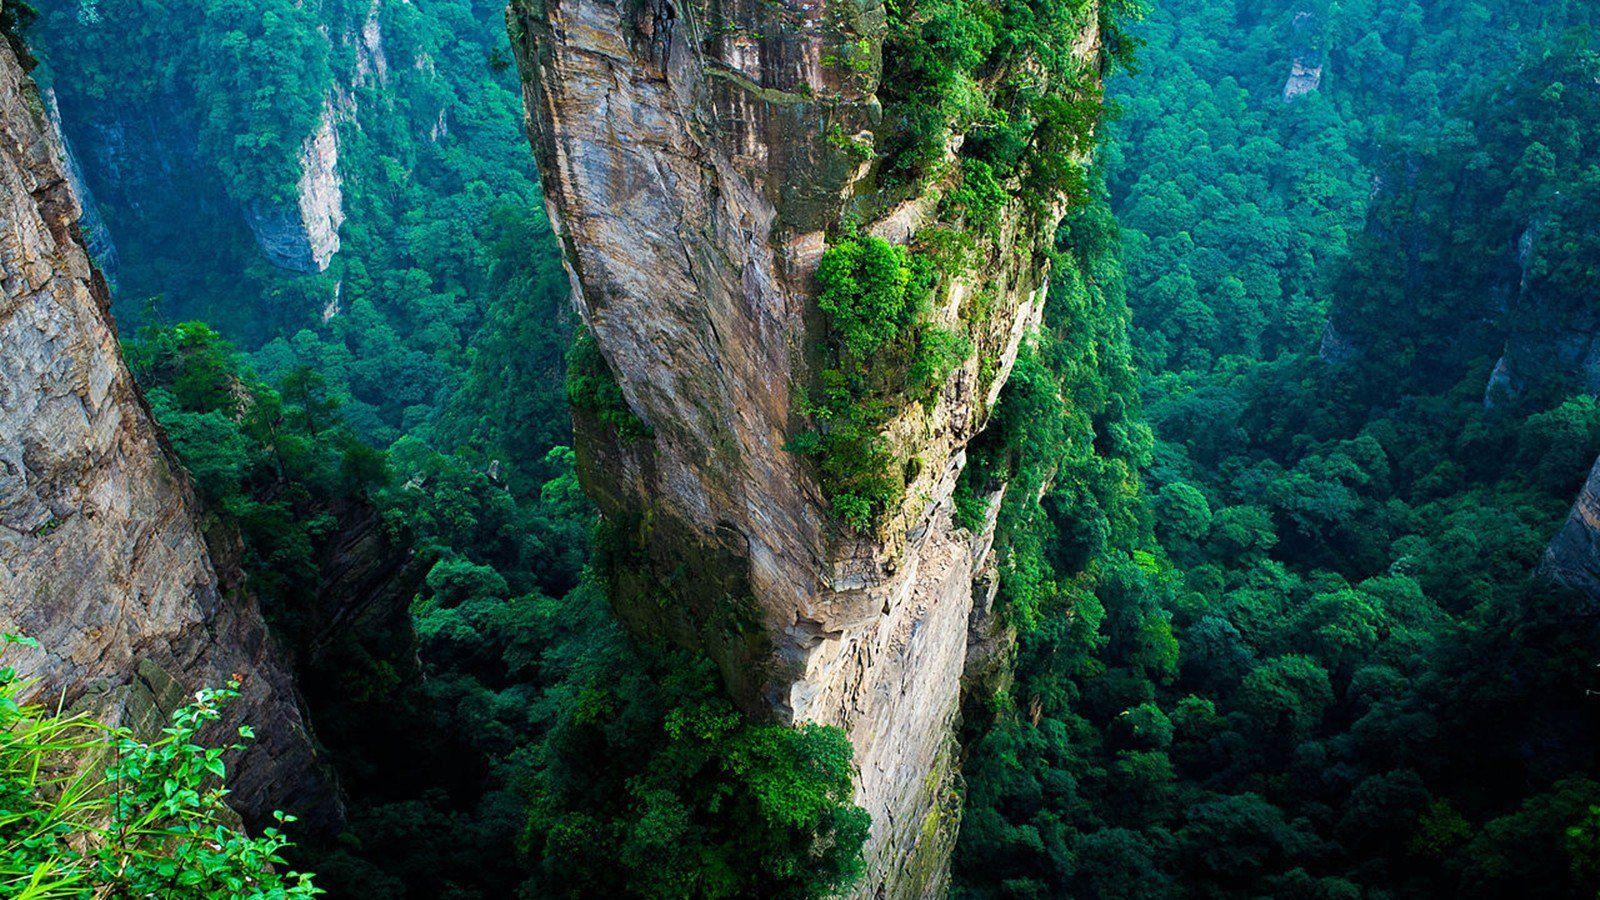 Fondos de pantalla paisajes 4k ultra hd wallpaper 4k for Fondos de pantalla 7 maravillas del mundo